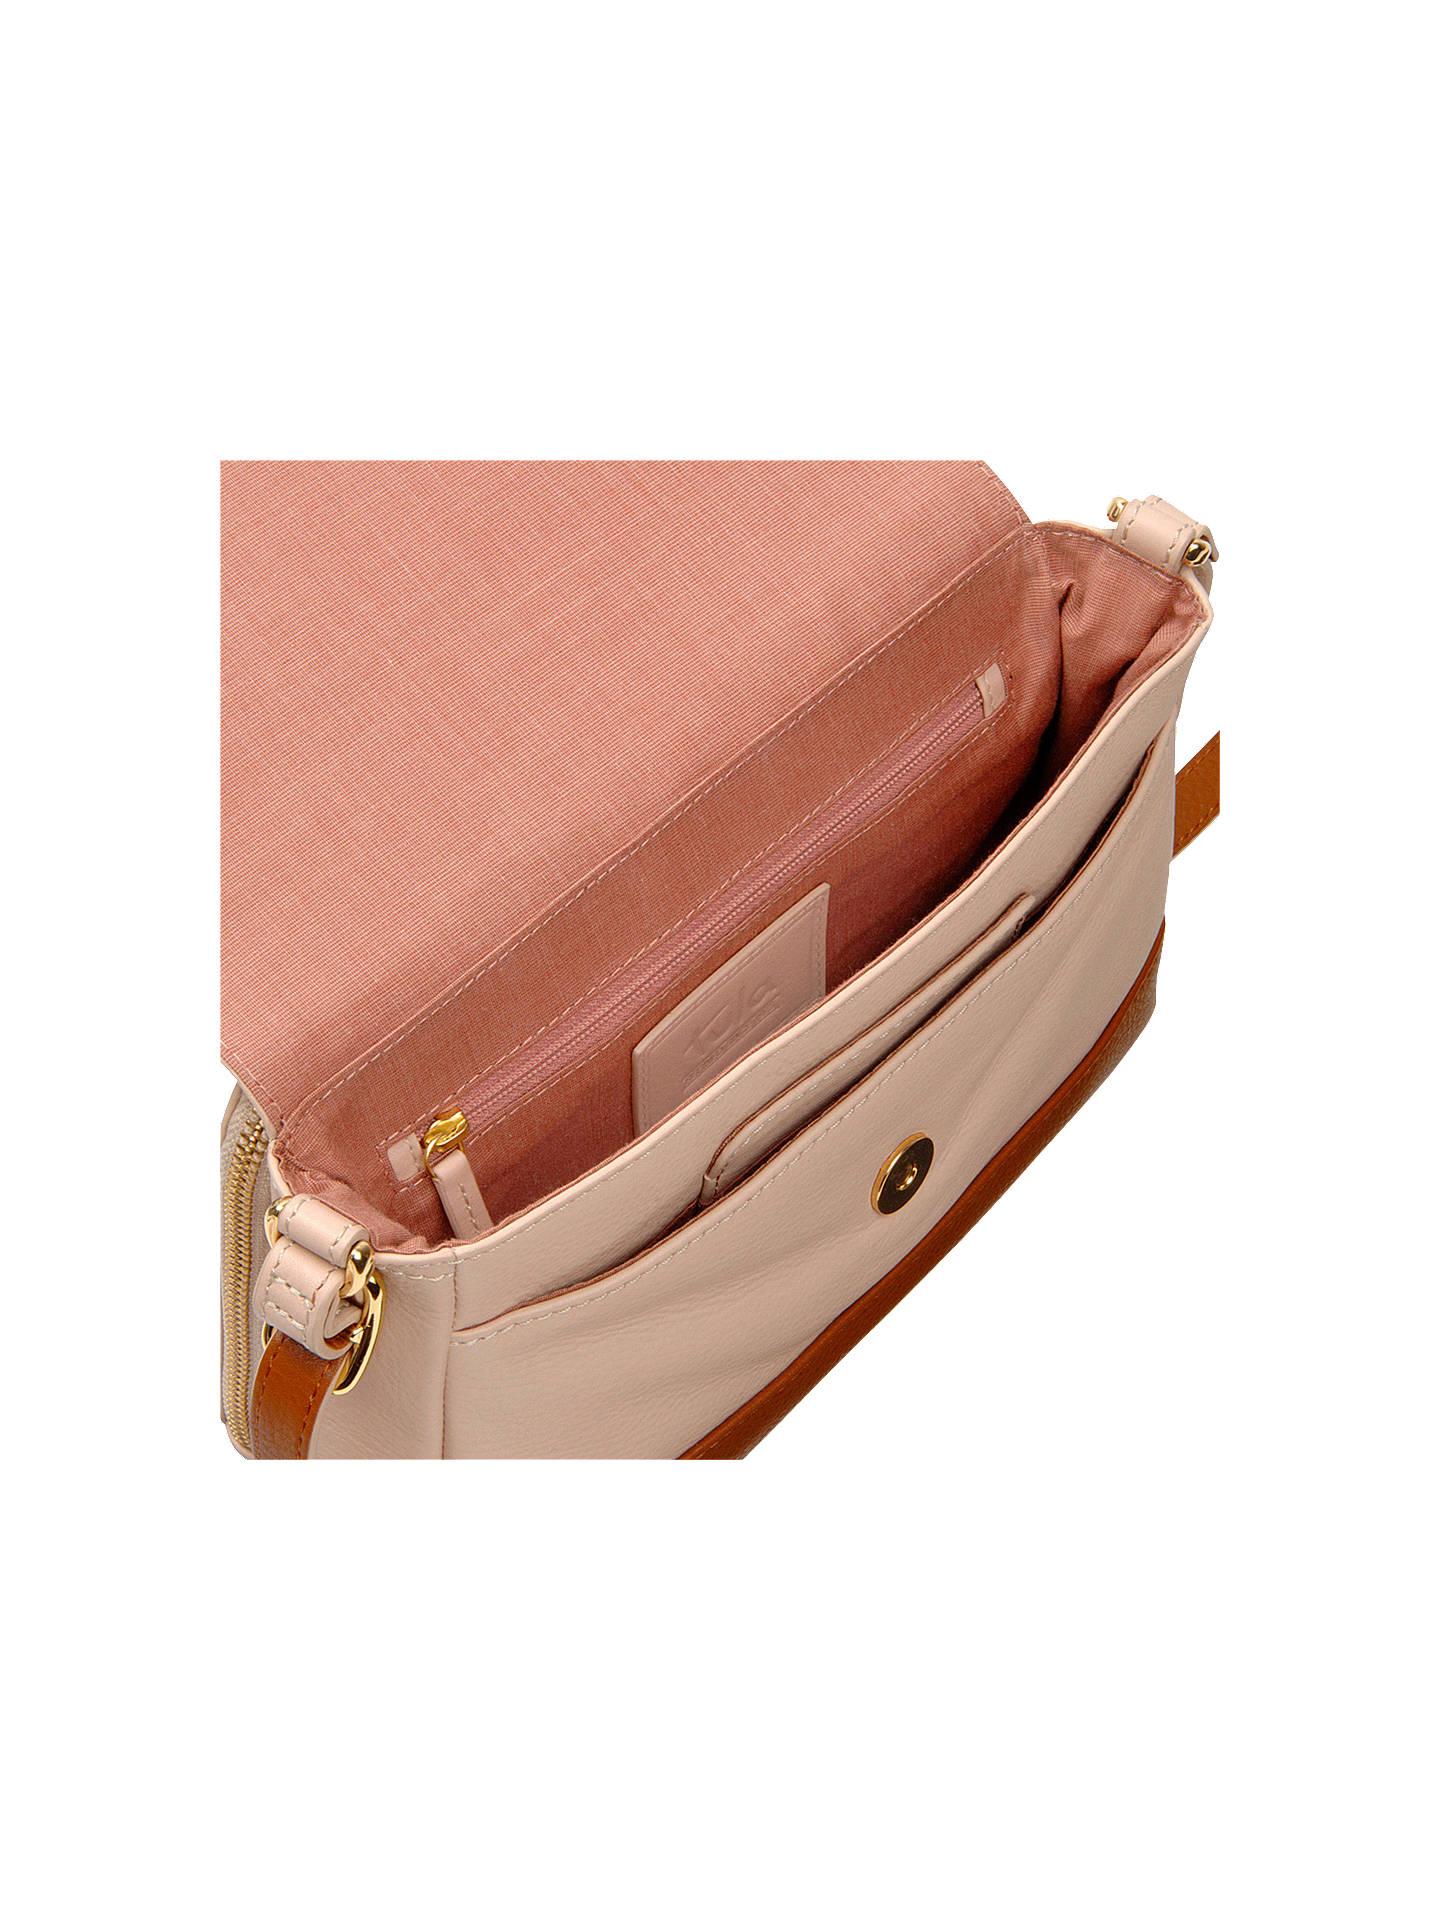 1e23c522e2314 Buy Tula Nappa Originals Small Leather Flapover Cross Body Bag